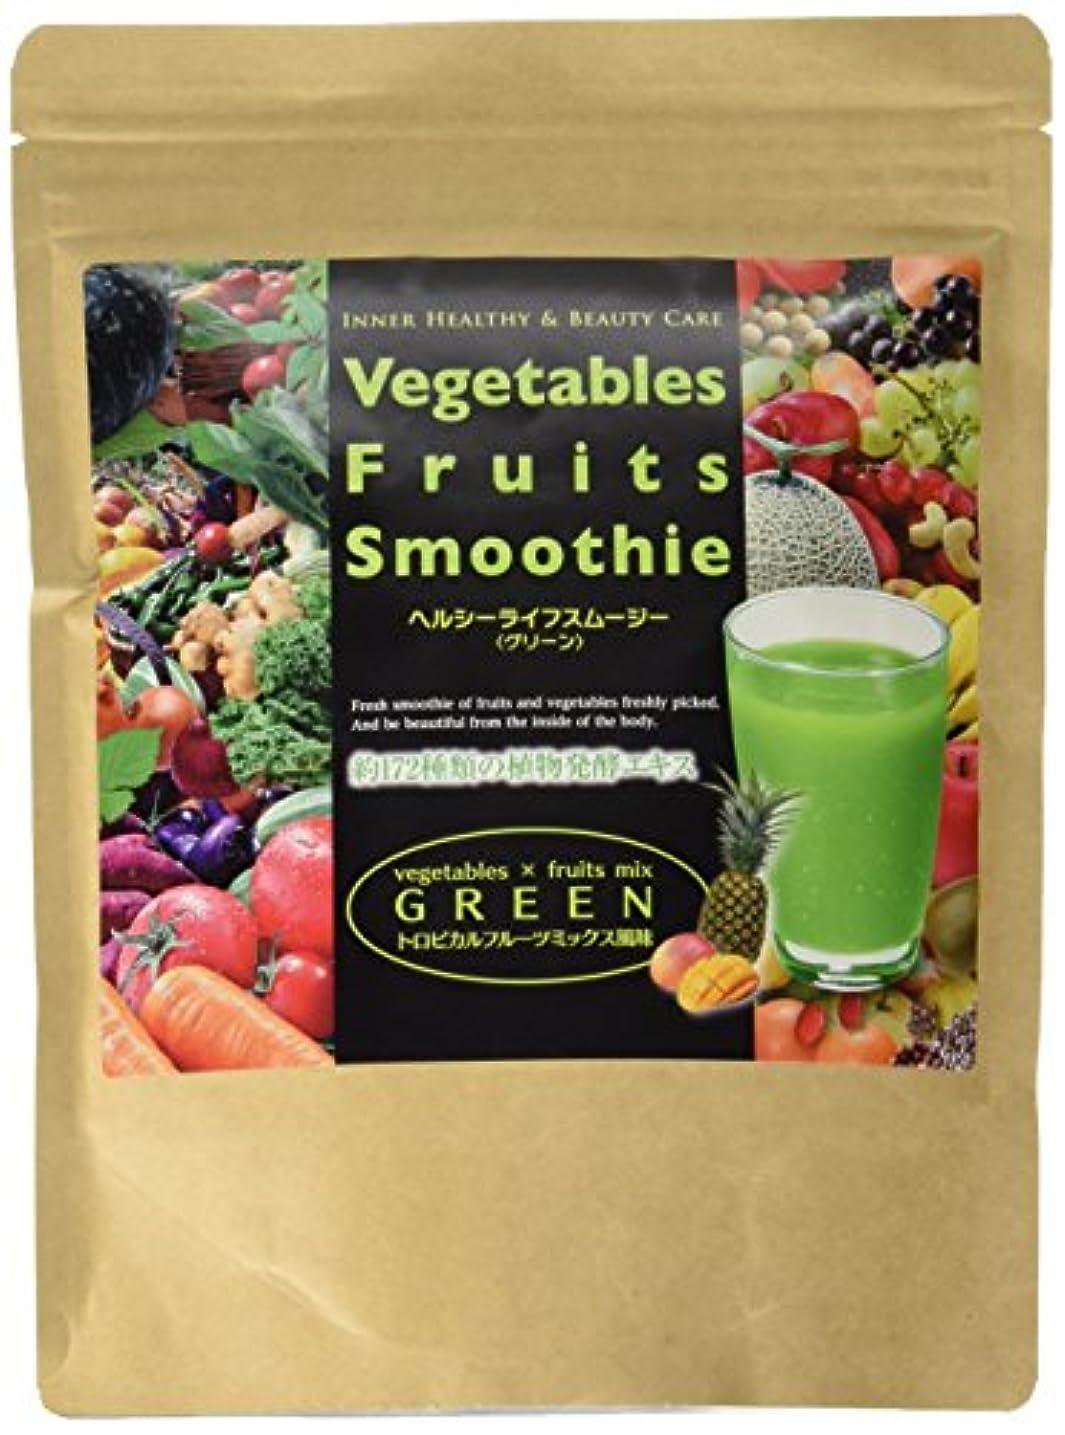 ヒールワーディアンケース遠近法Vegetables Fruits Smoothie ヘルシーライフスムージー(グリーン)トロピカルフルーツミックス味 300g 日本製